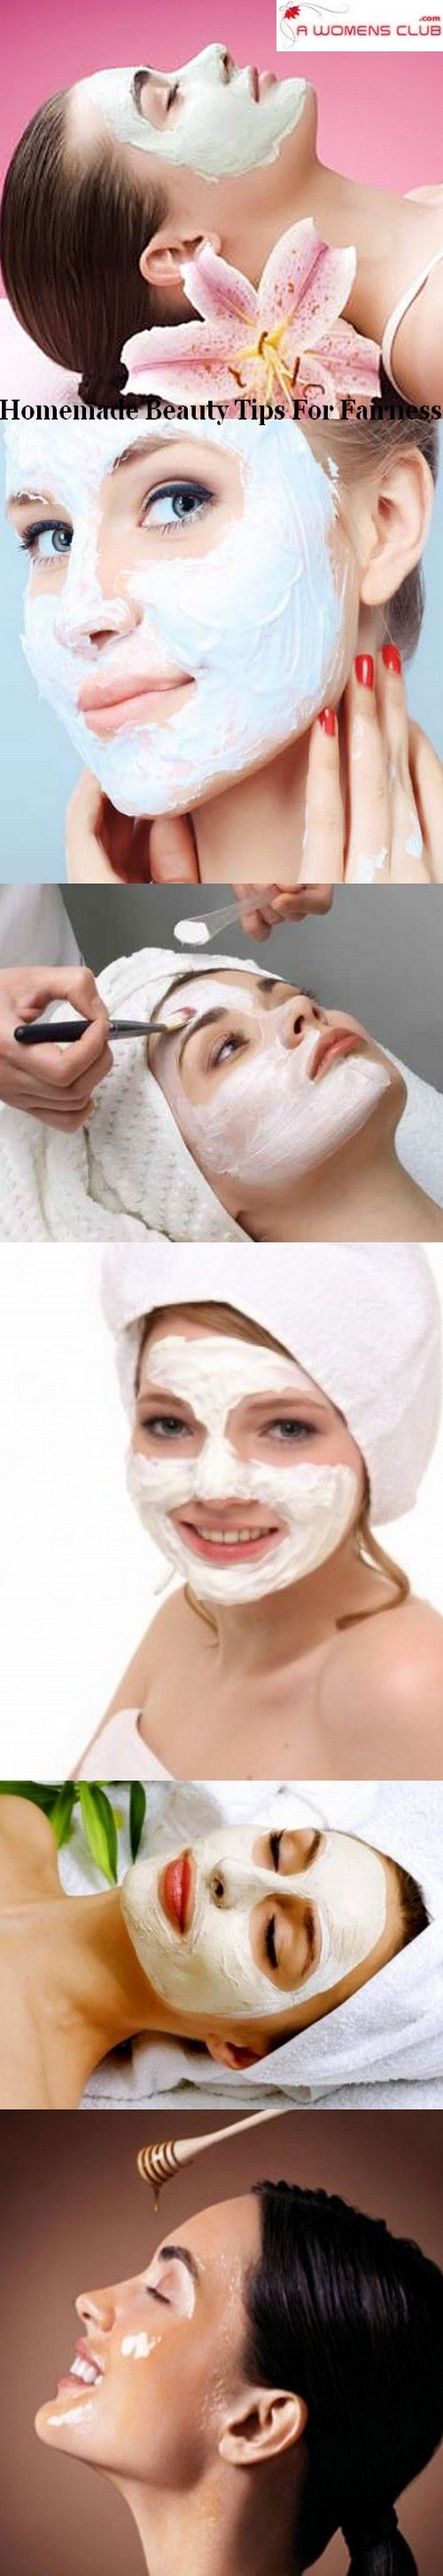 Homemade beauty tips for fairness